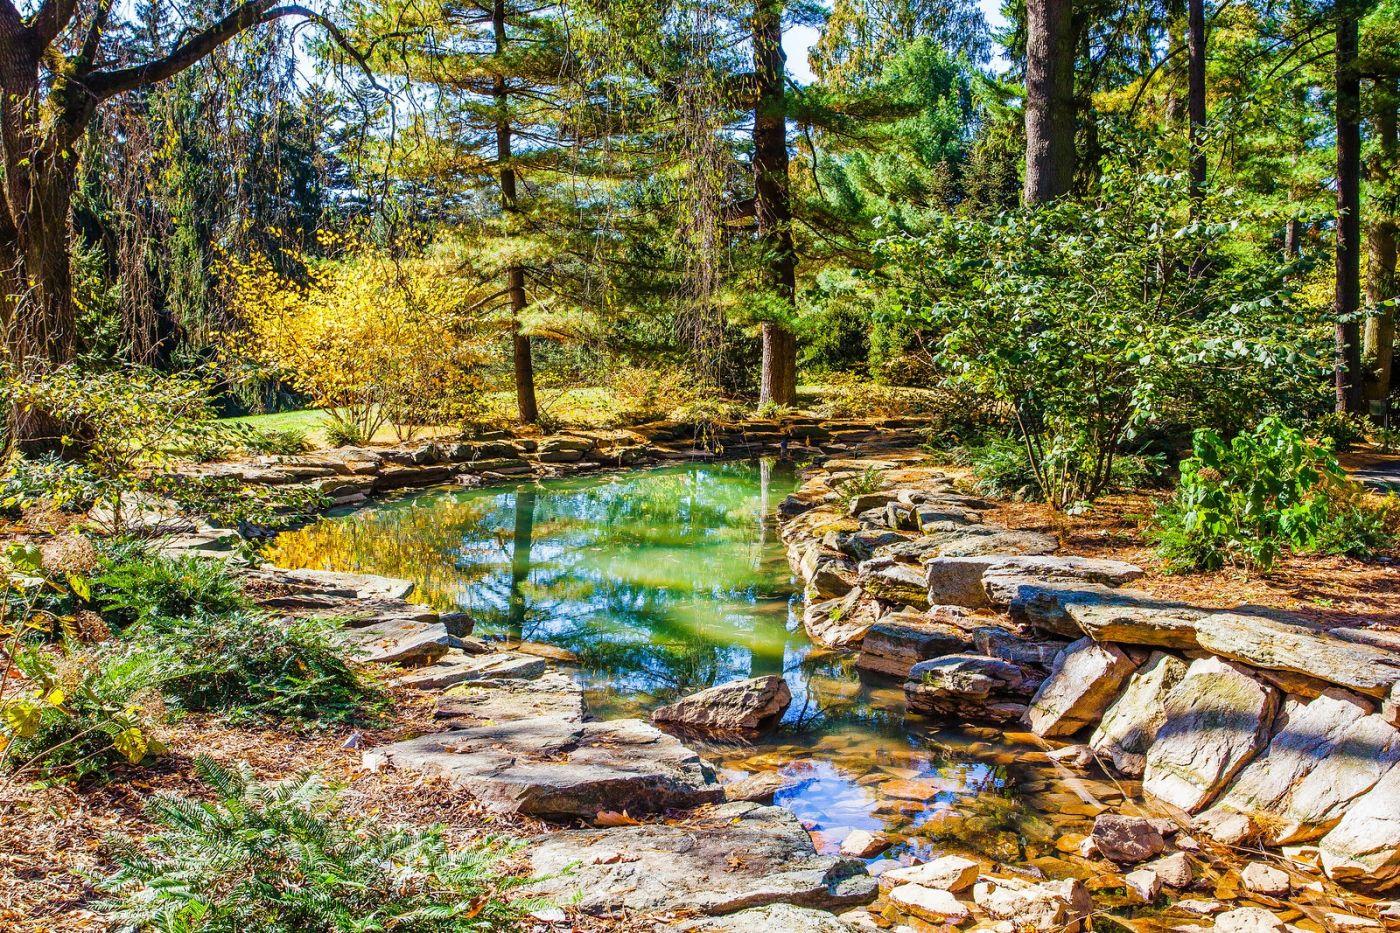 宾州长木公园,熟悉的景色_图1-10